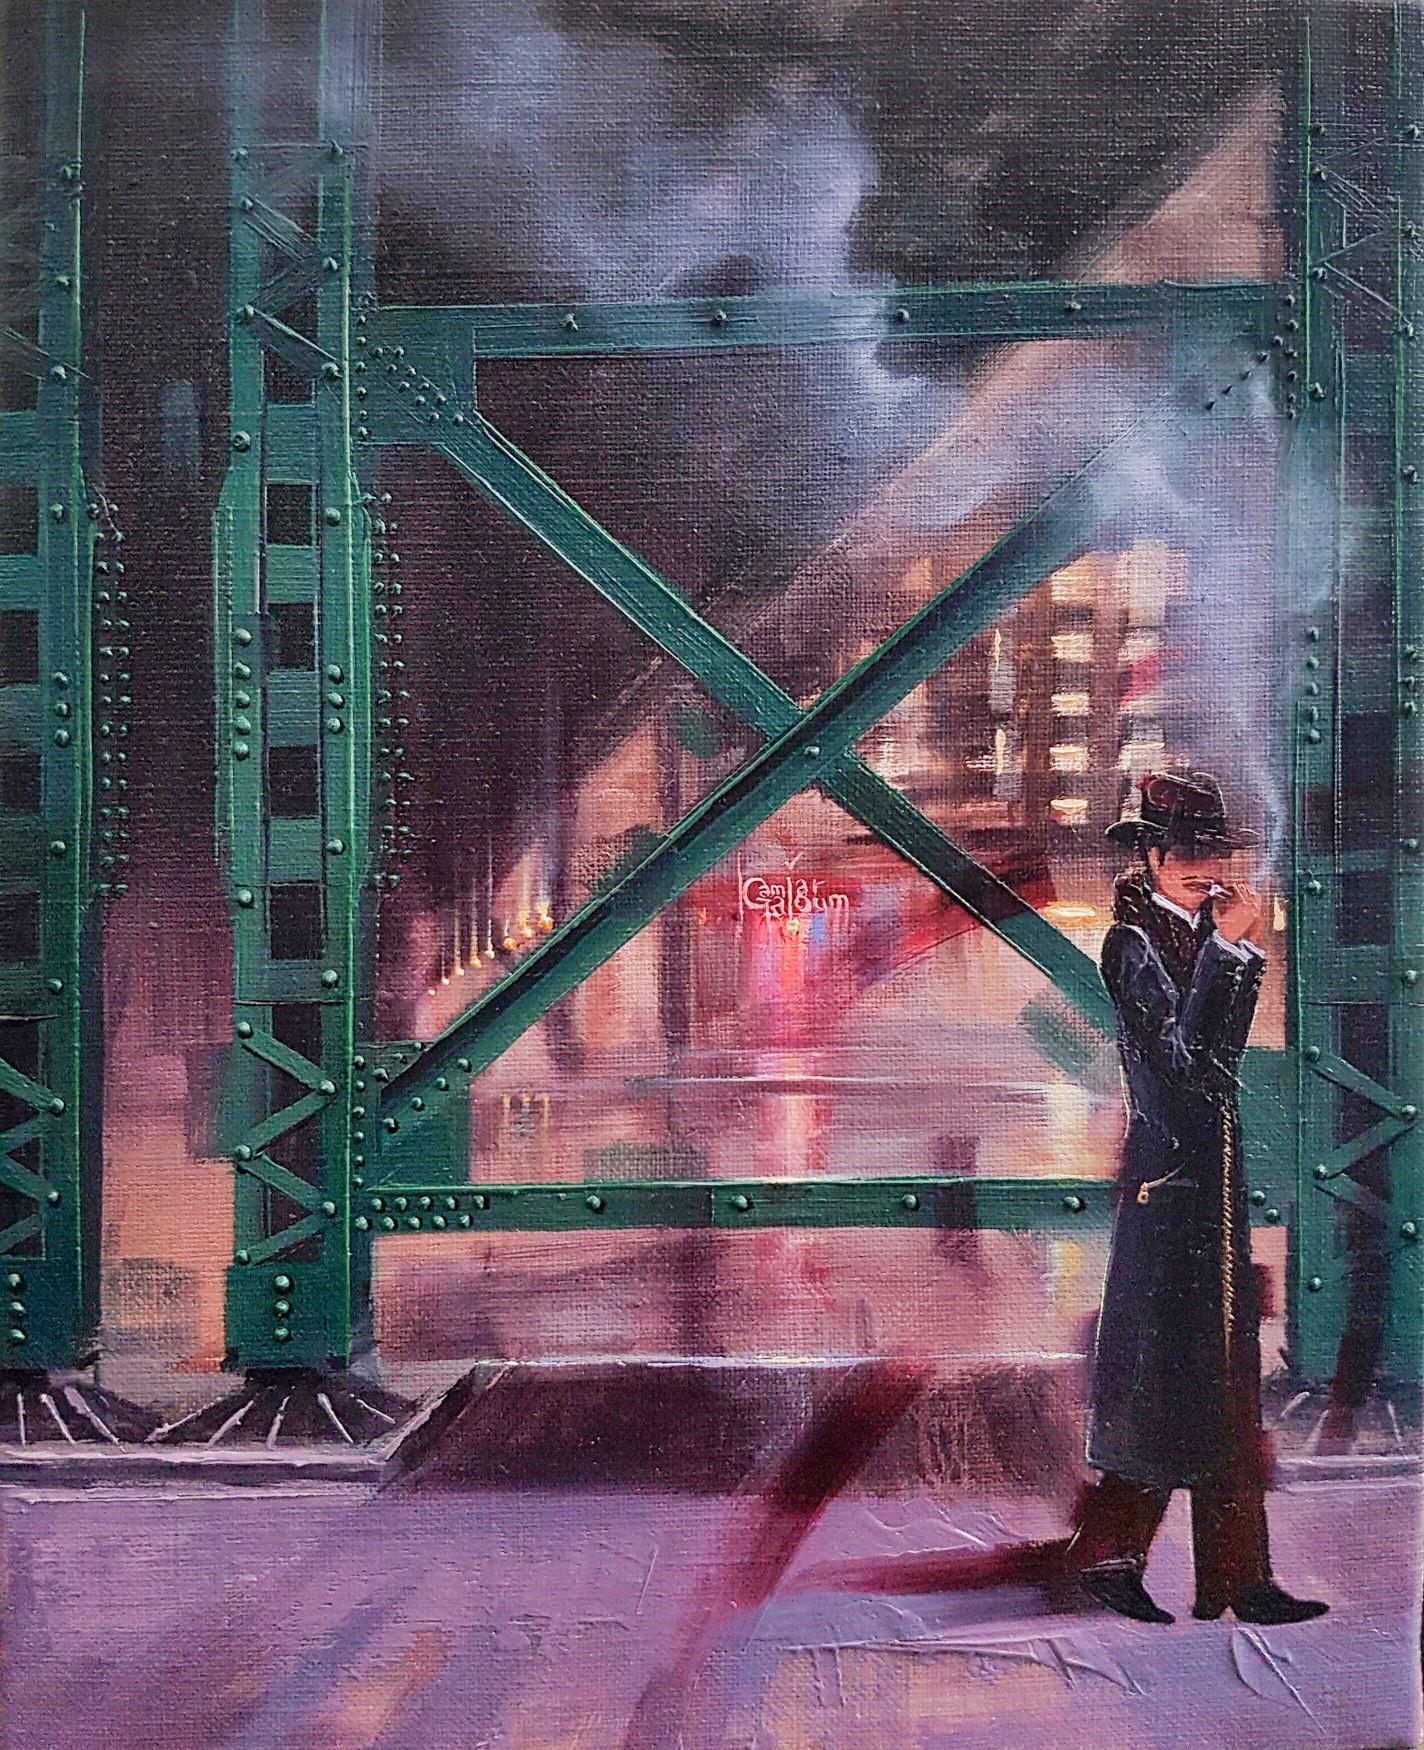 Kamiar Gajoum Night Smoke Oringinal Oil Painting 11x9